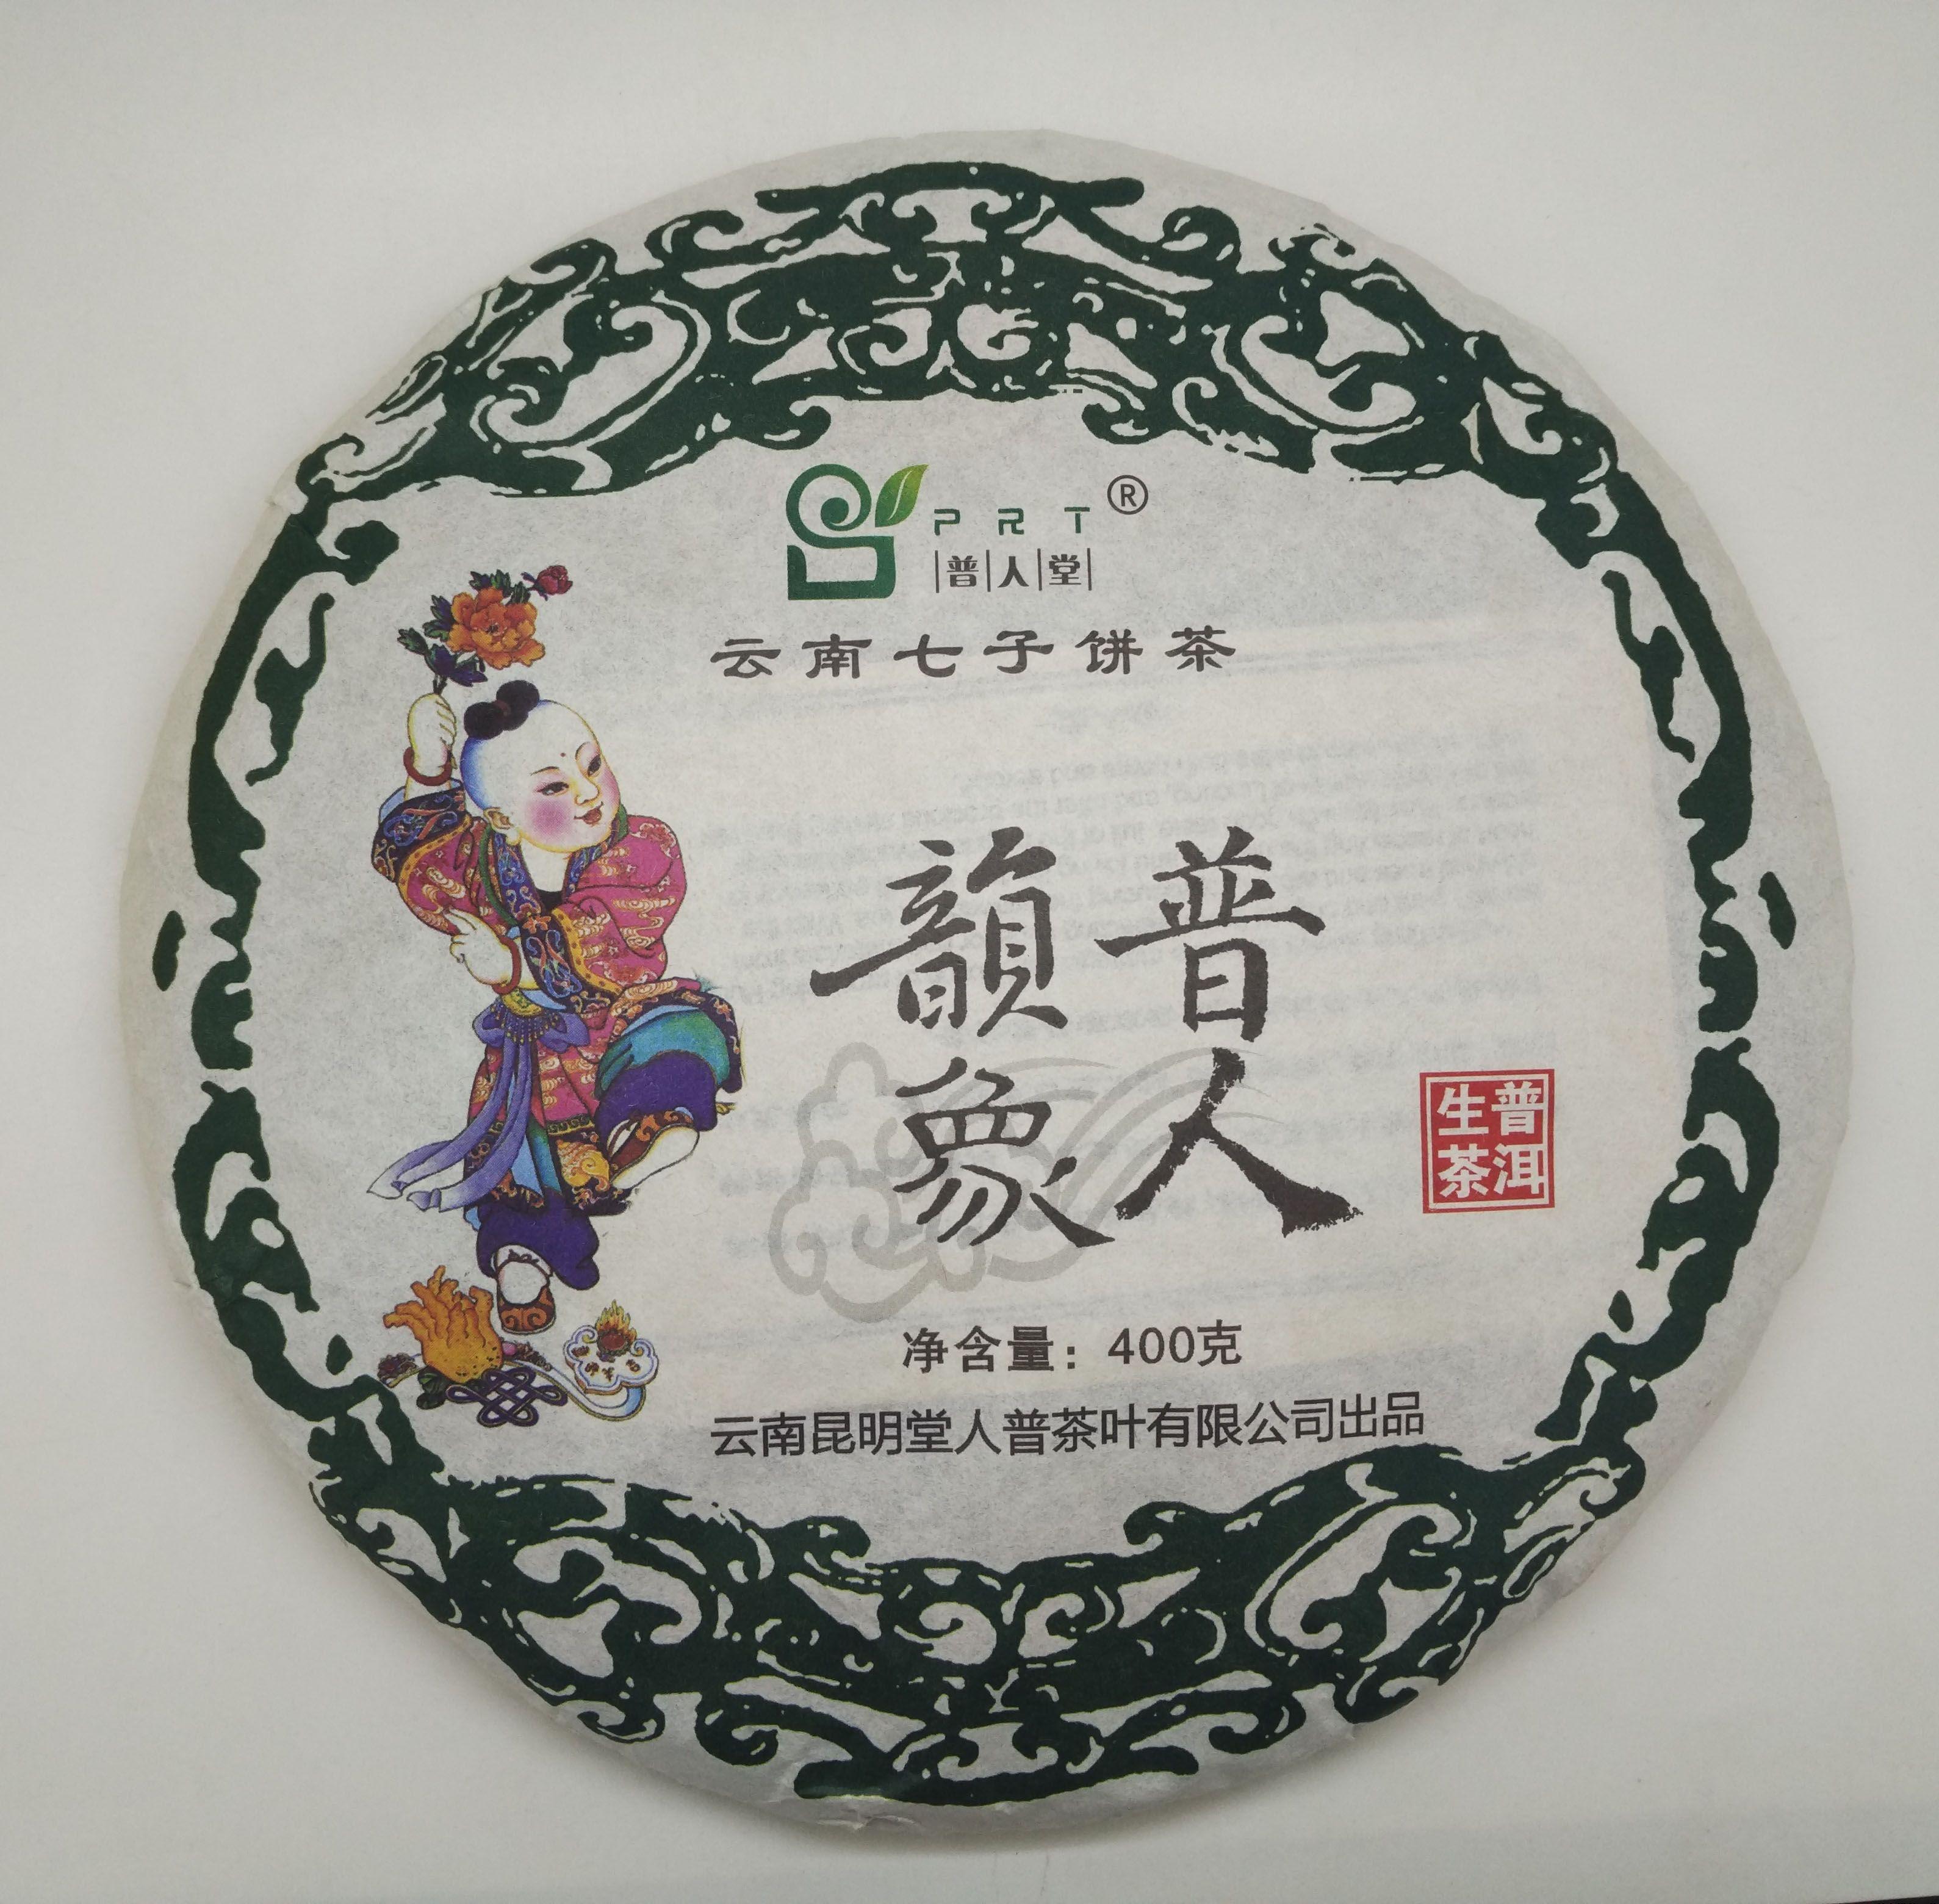 普人堂2014年普人韵象生饼